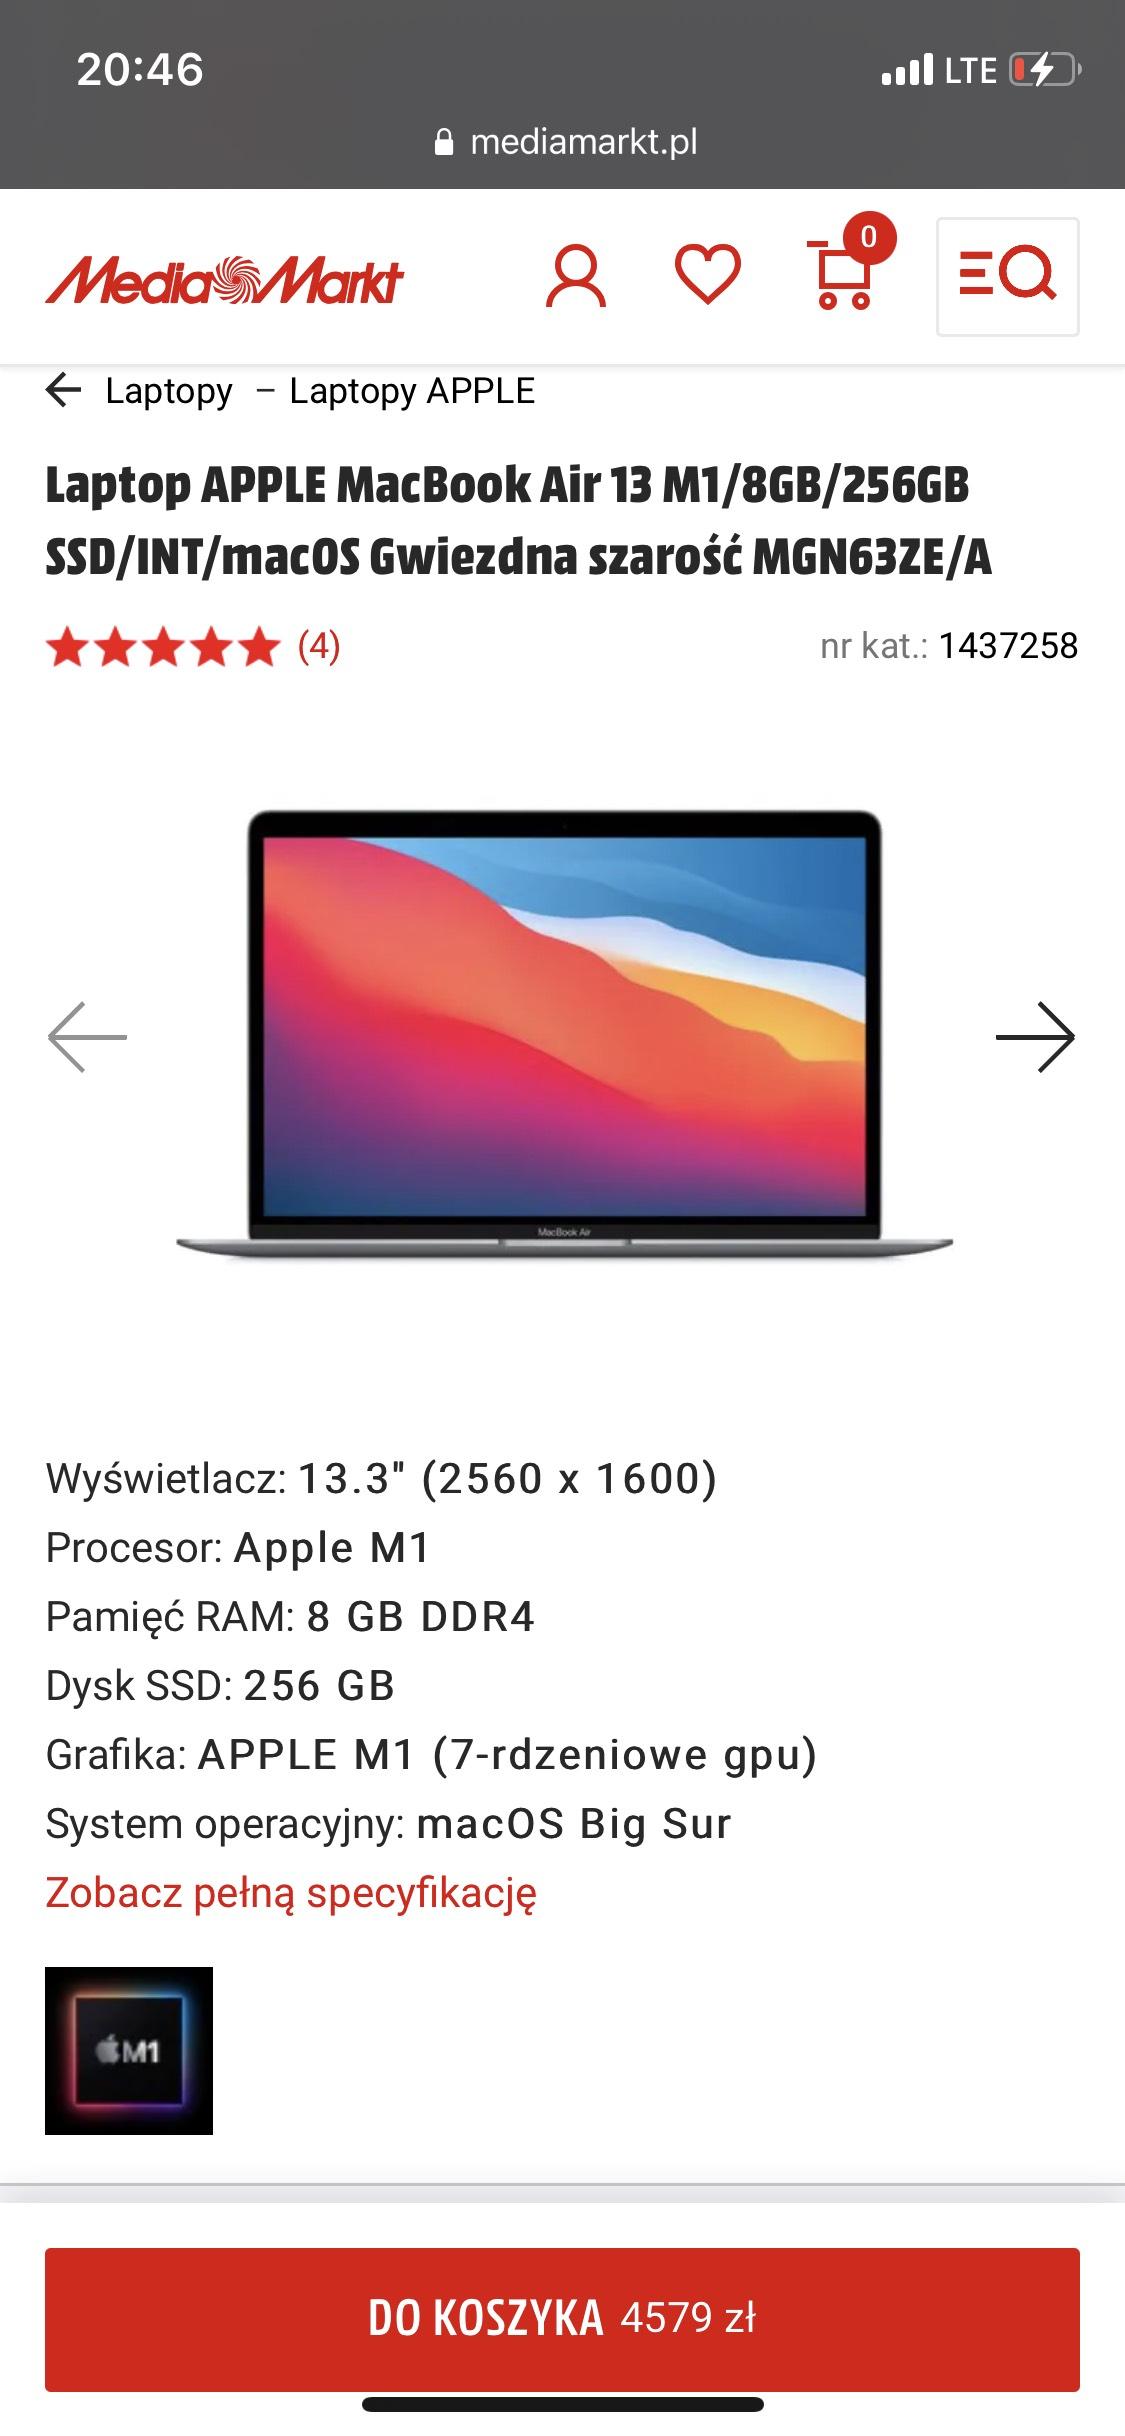 APPLE MacBook Air 13 M1/8GB/256GB SSD/INT/macOS Gwiezdna szarość/ 4579/ Media Markt